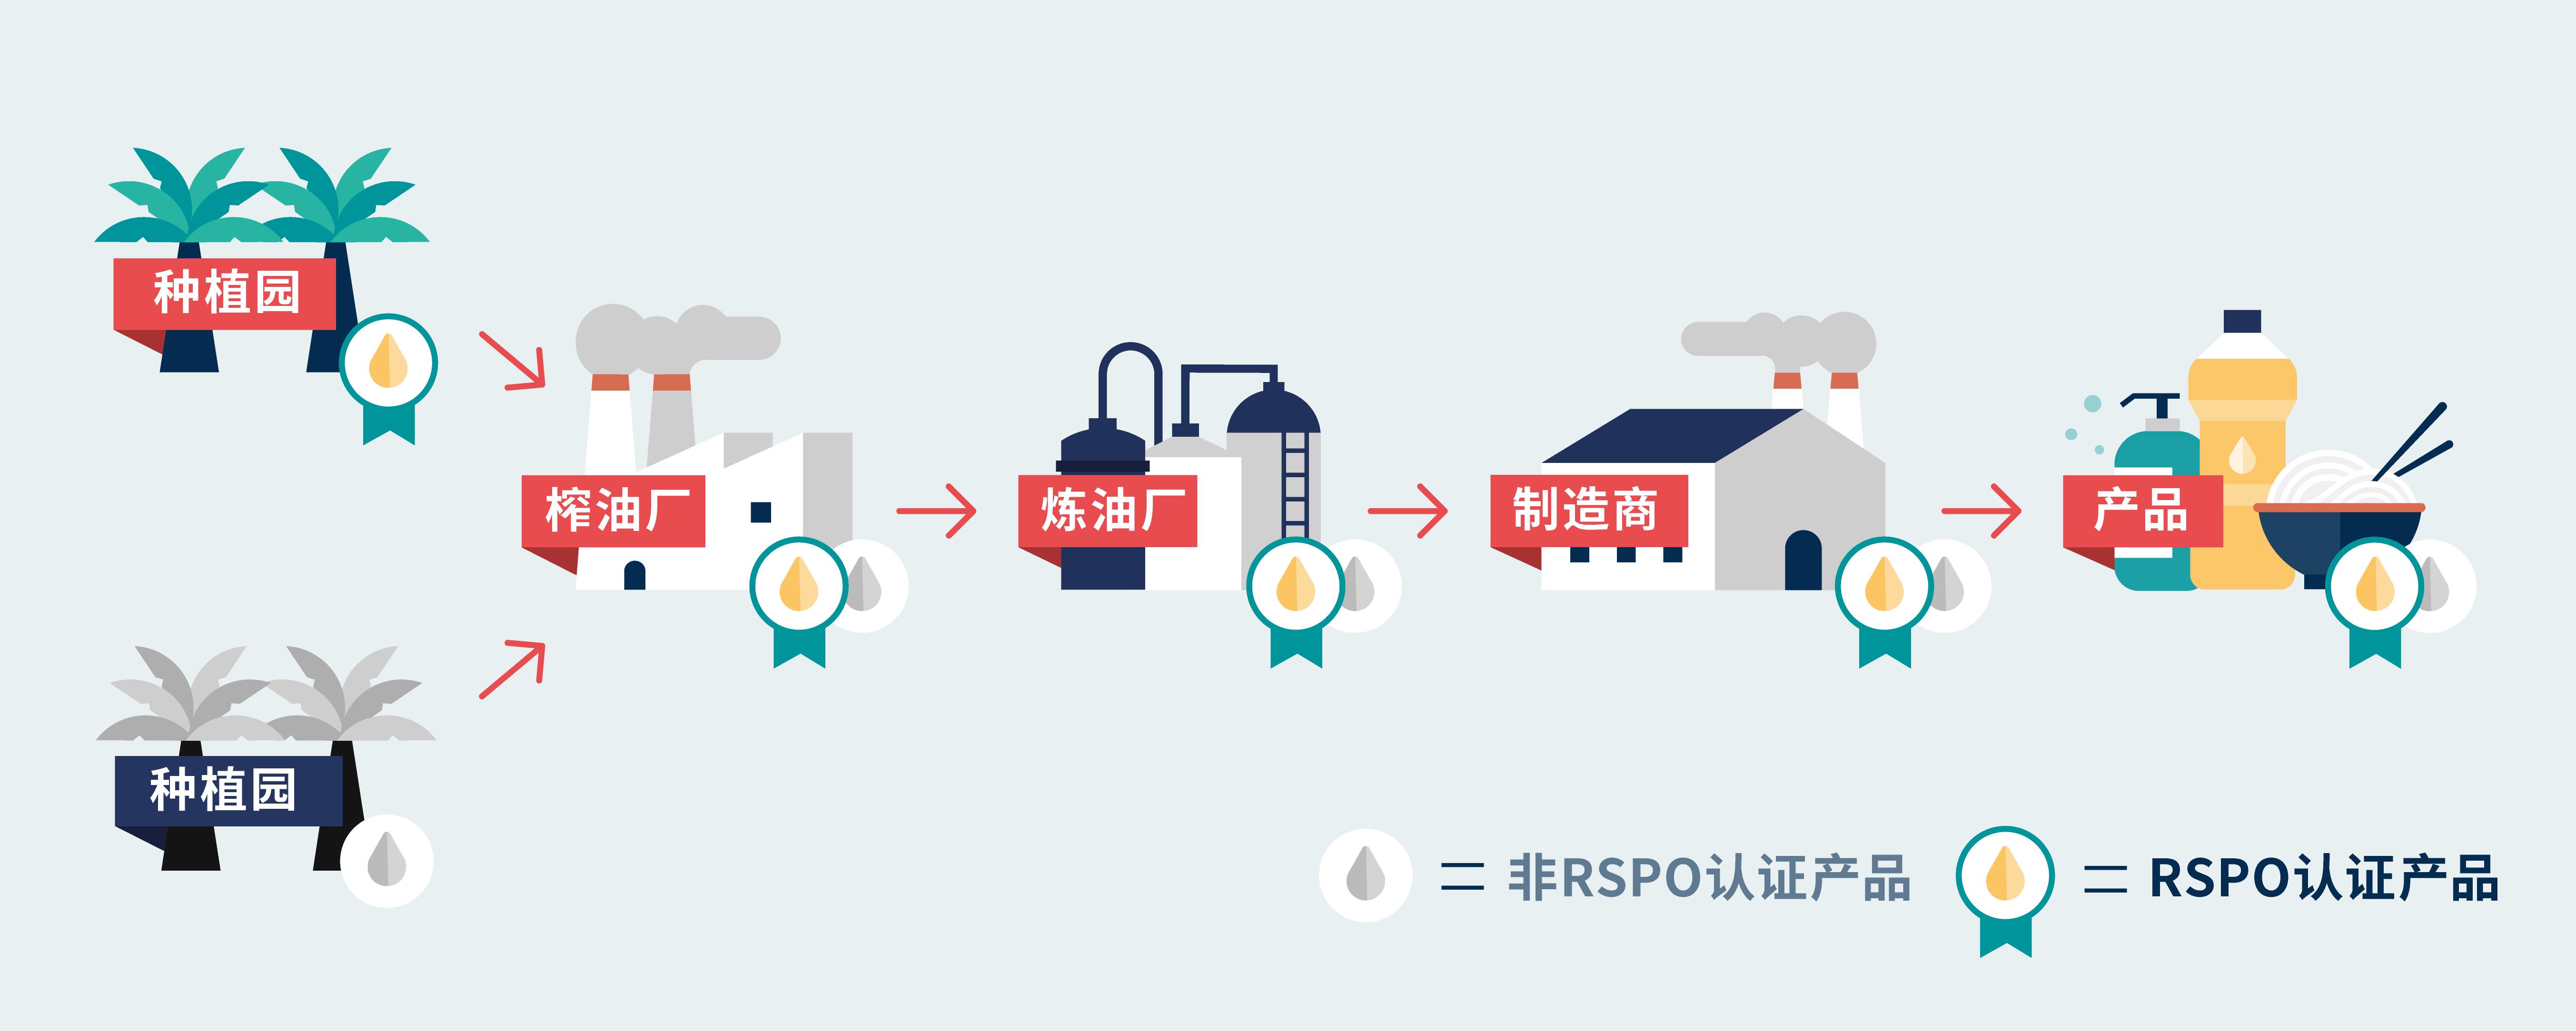 非RSPO认证棕榈油-认证与非认证混合体系